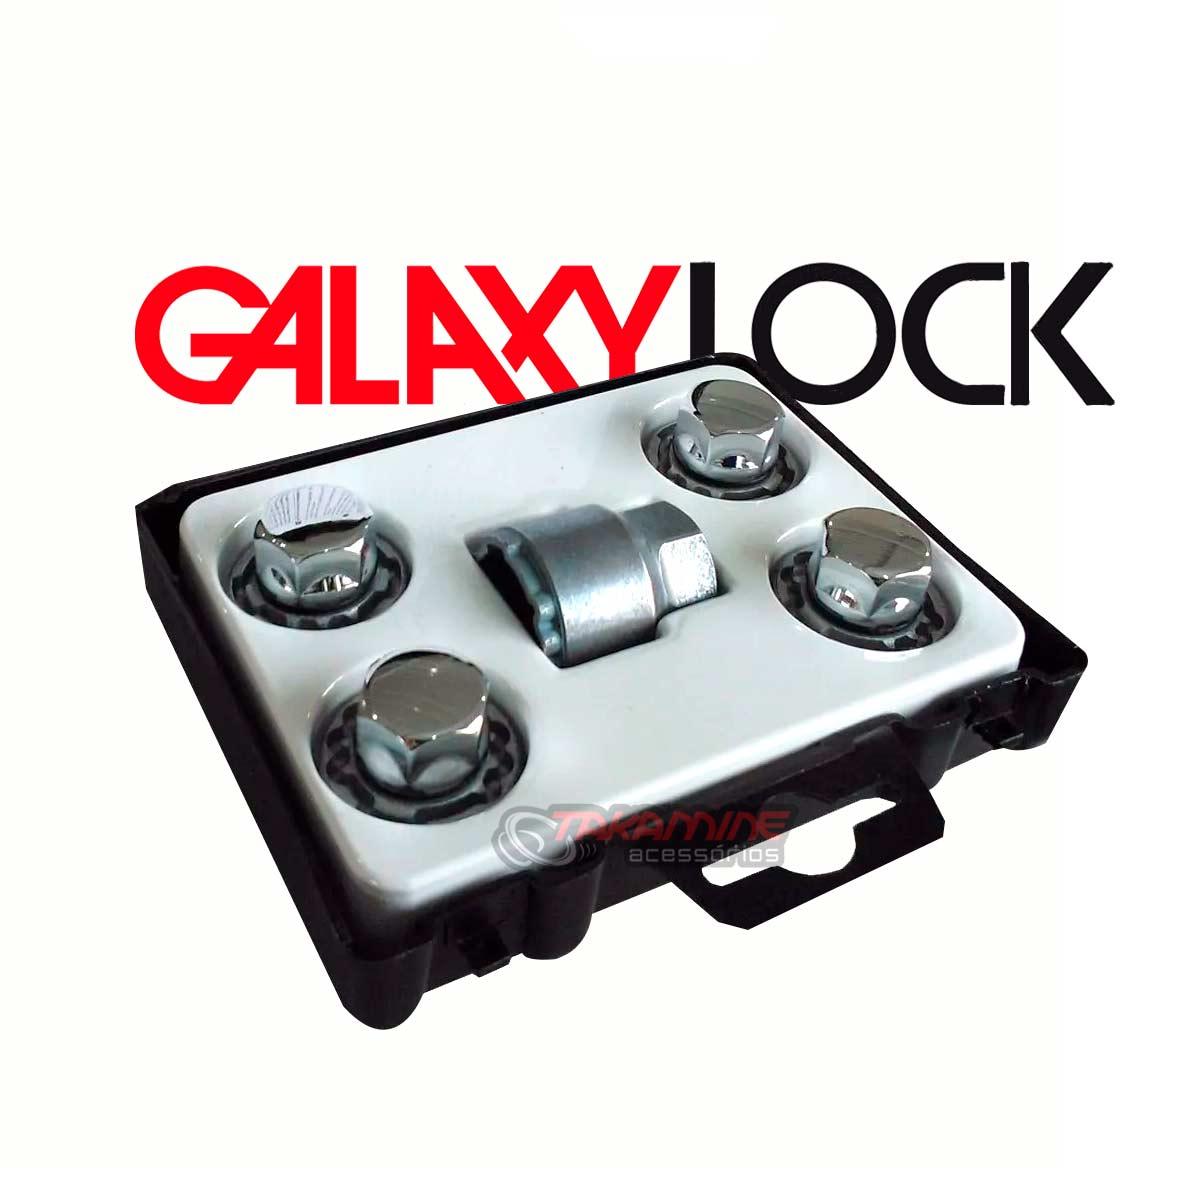 Porca antifurto para rodas Galaxy Lock Versa 2011 até 2020 DNL/M